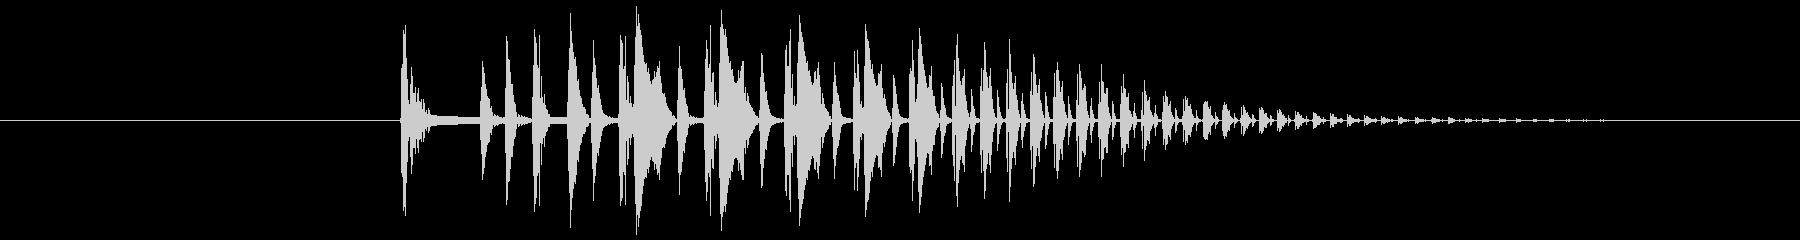 スワイプ_200702の未再生の波形